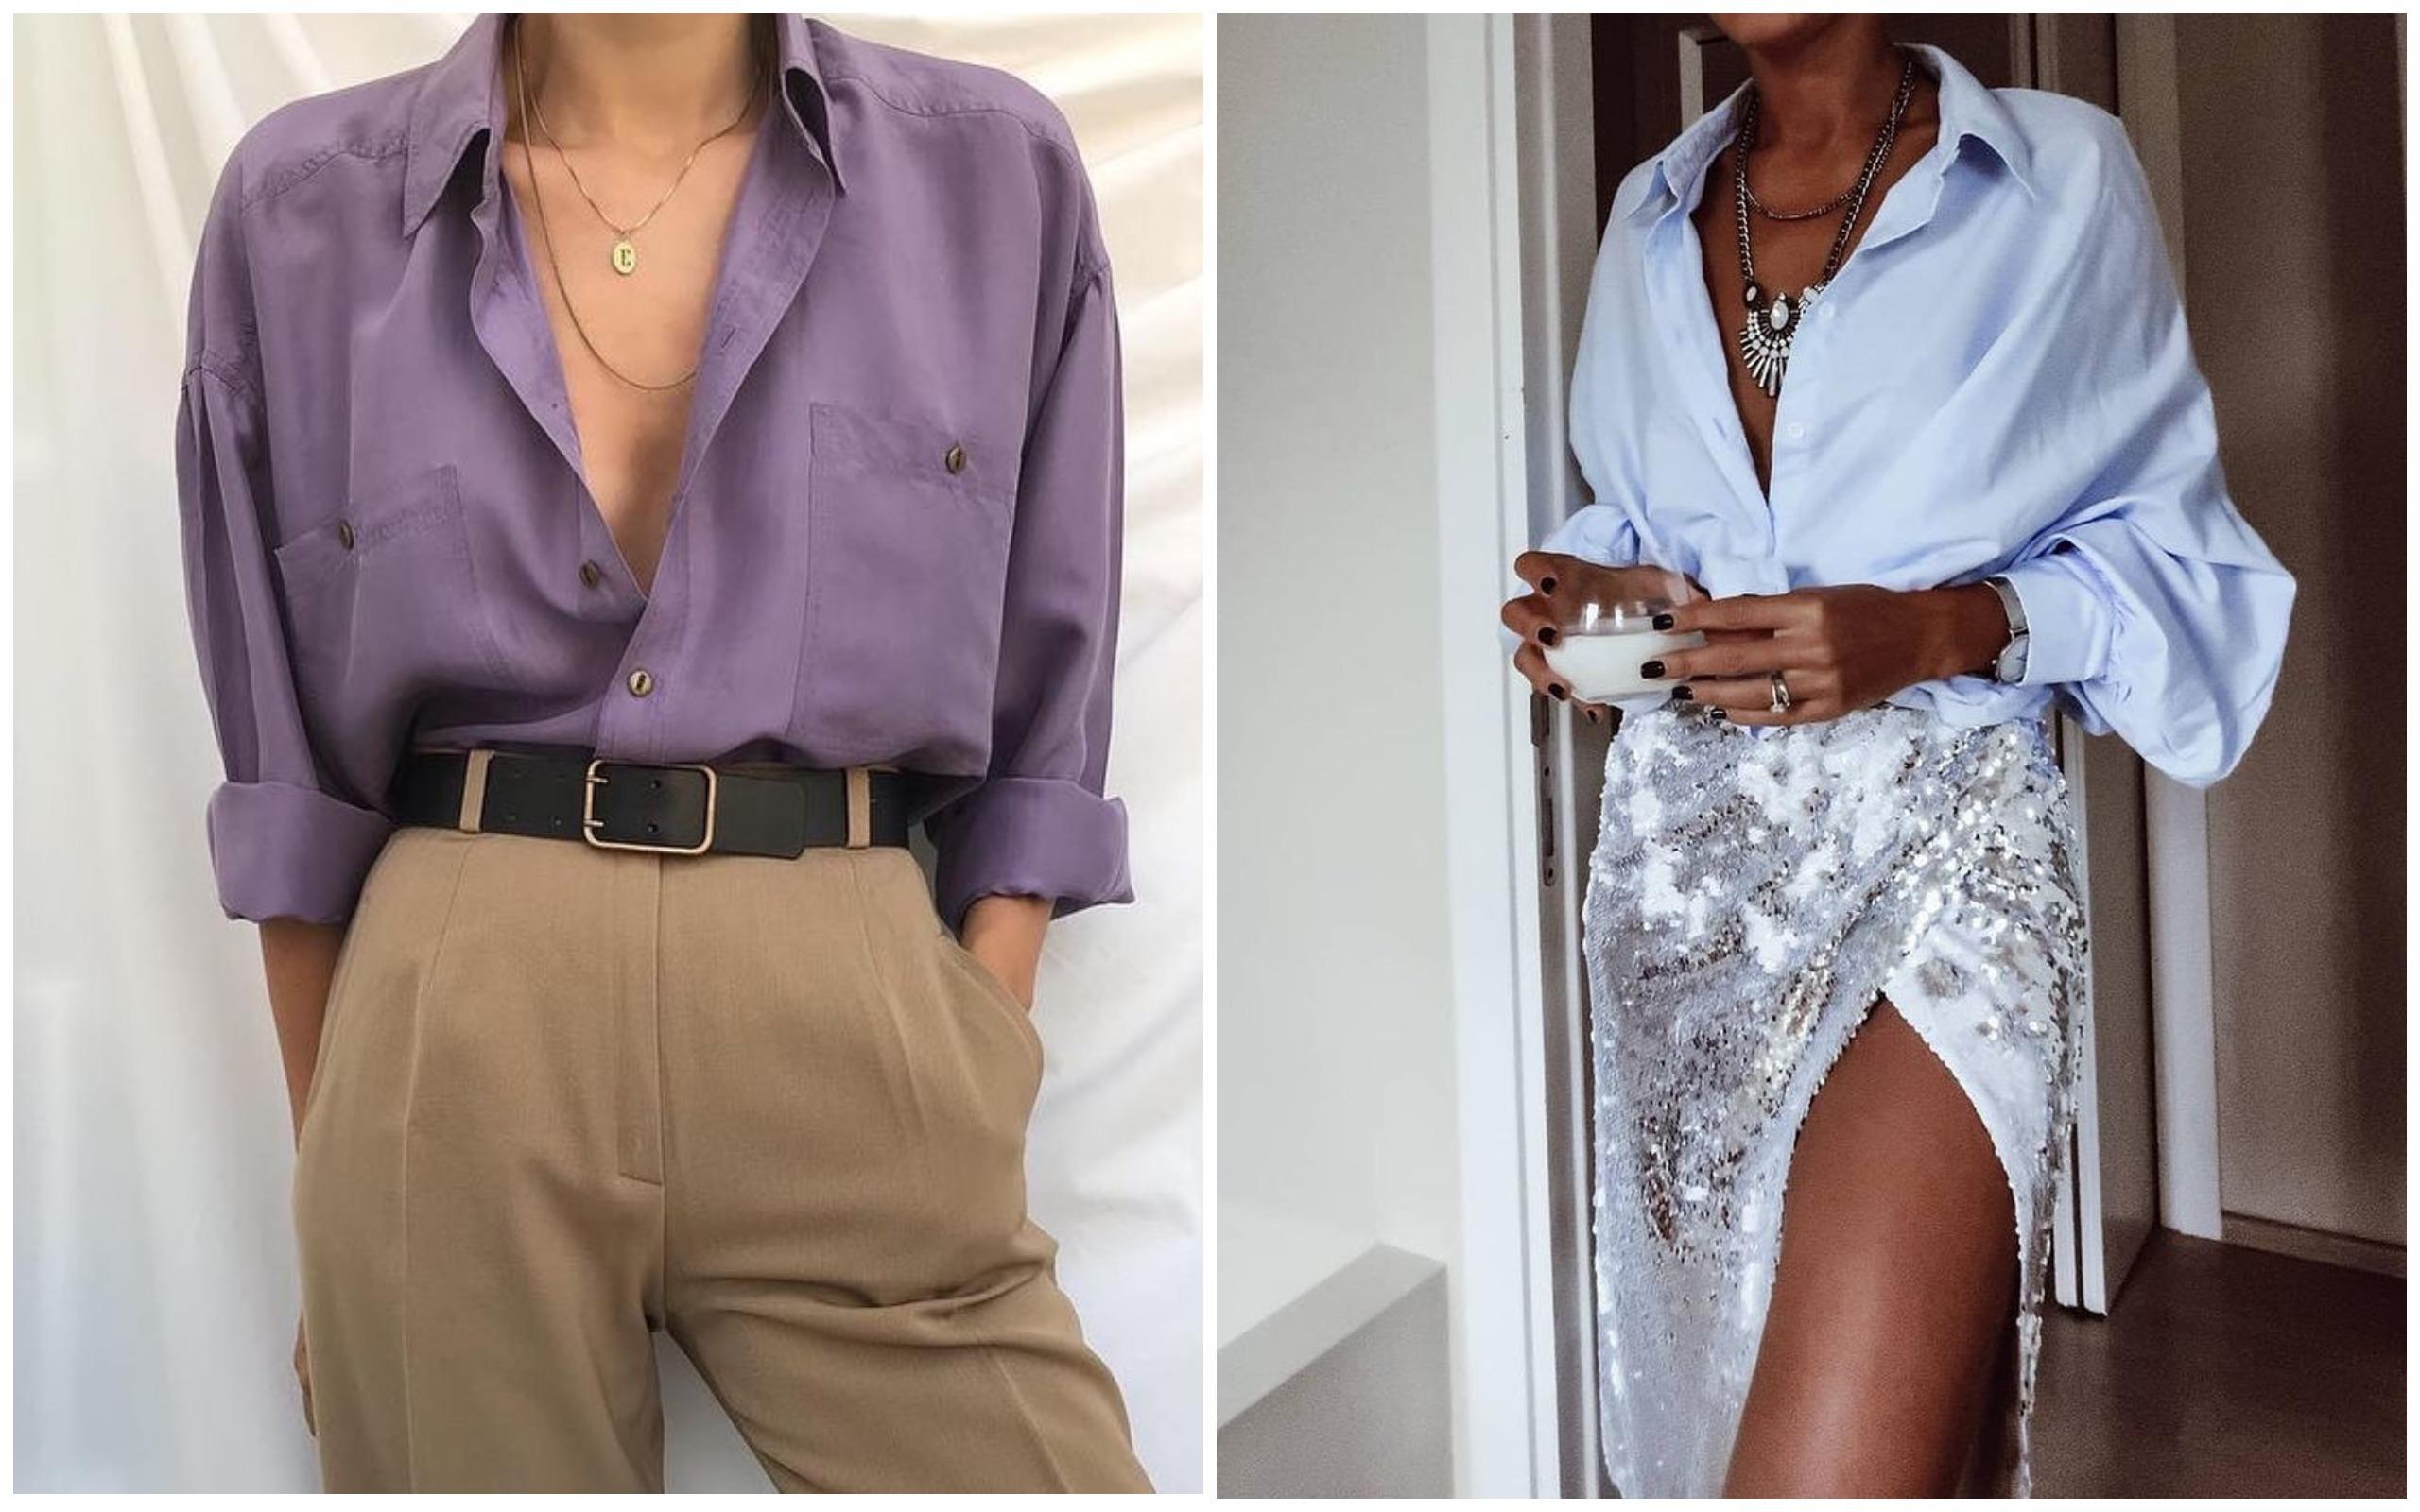 Chemisier femme 2020: les tendances des blouses femme 2020